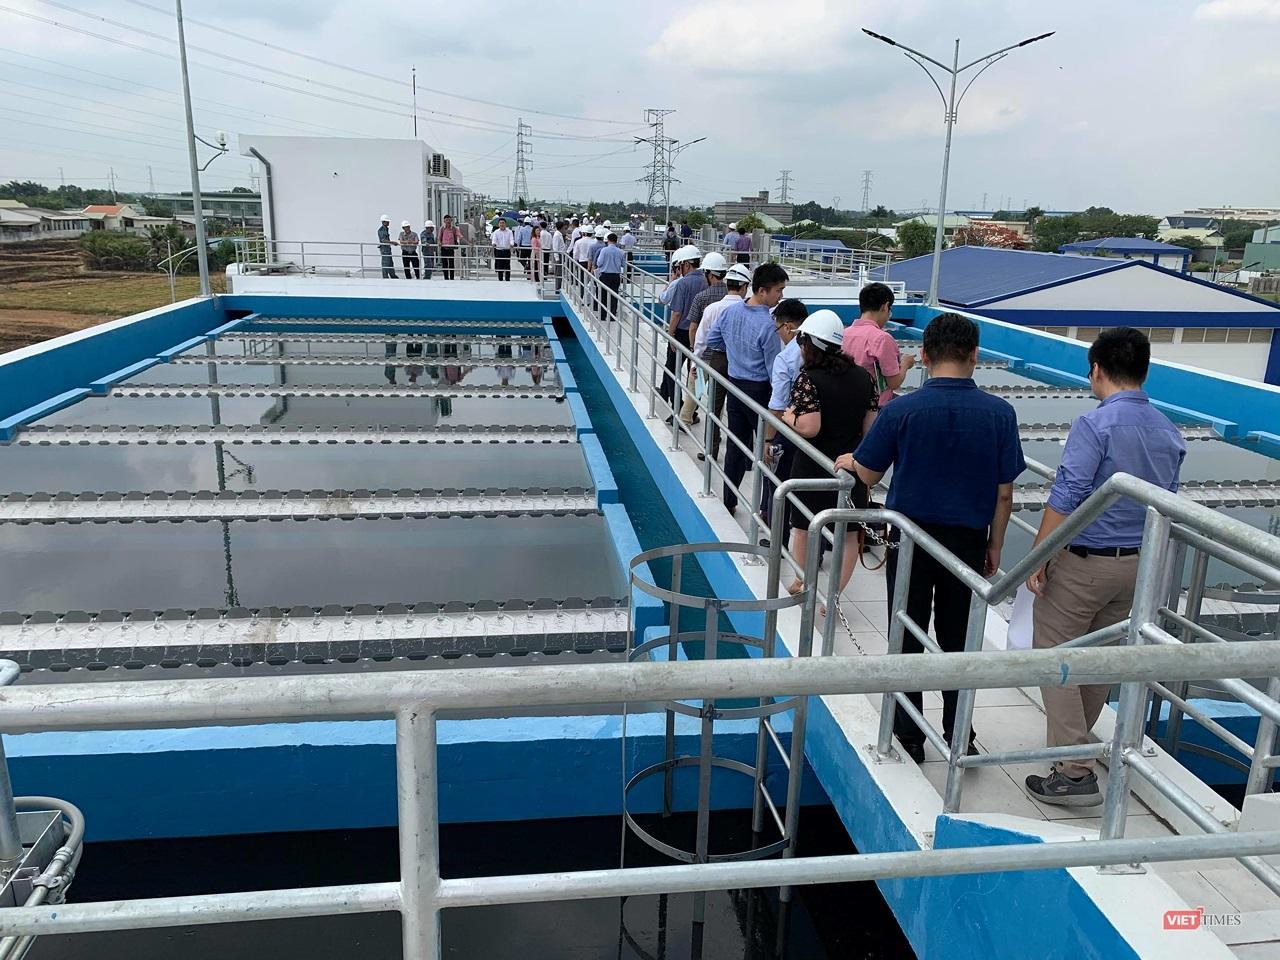 Khánh thành nhà máy nước sạch lớn nhất Đồng bằng Sông Cửu Long Ảnh 2